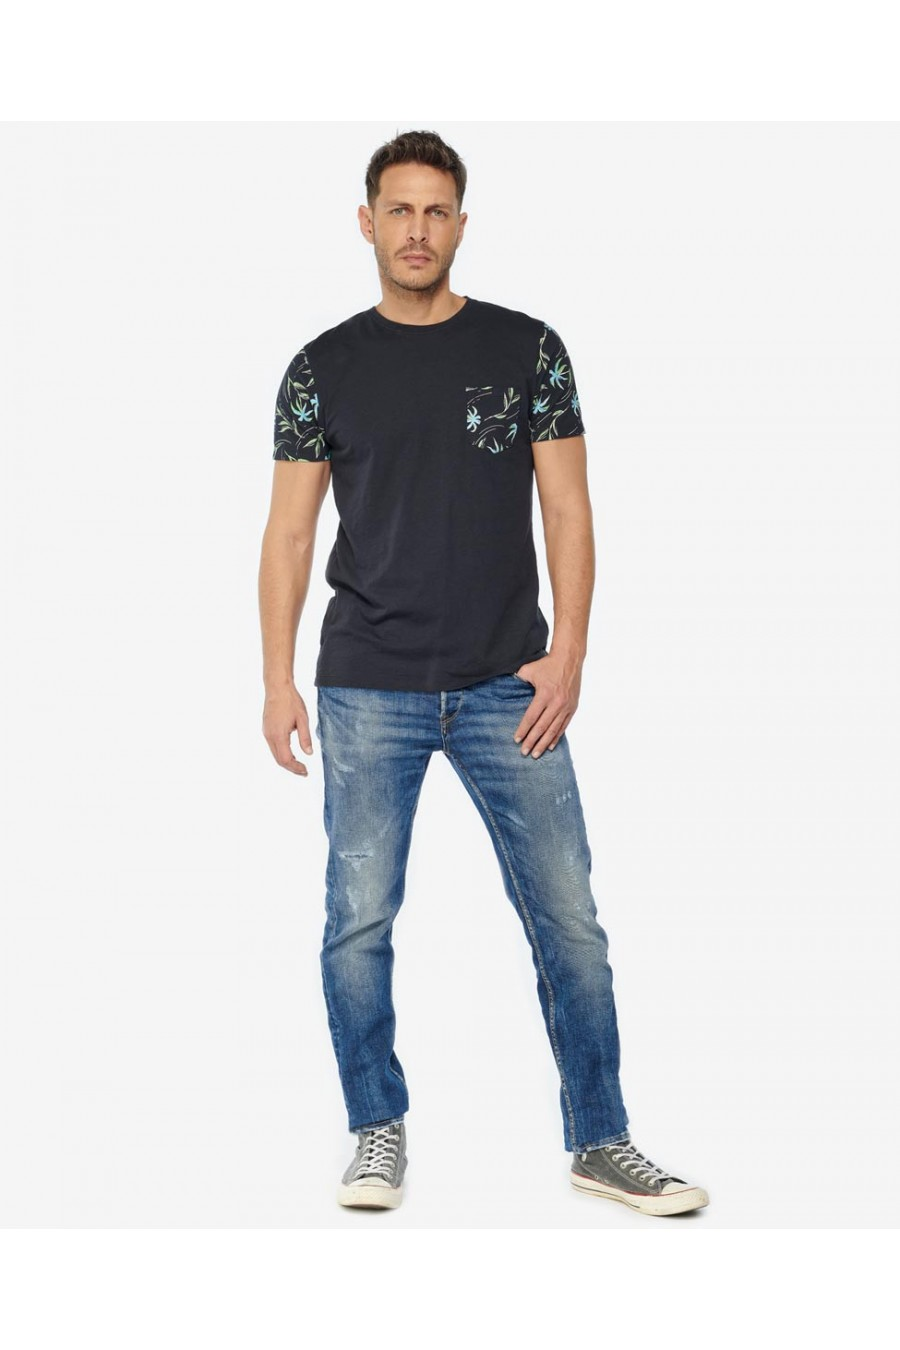 T SHIRT H BAZIN - LE TEMPS DES CERISES Tee-shirt